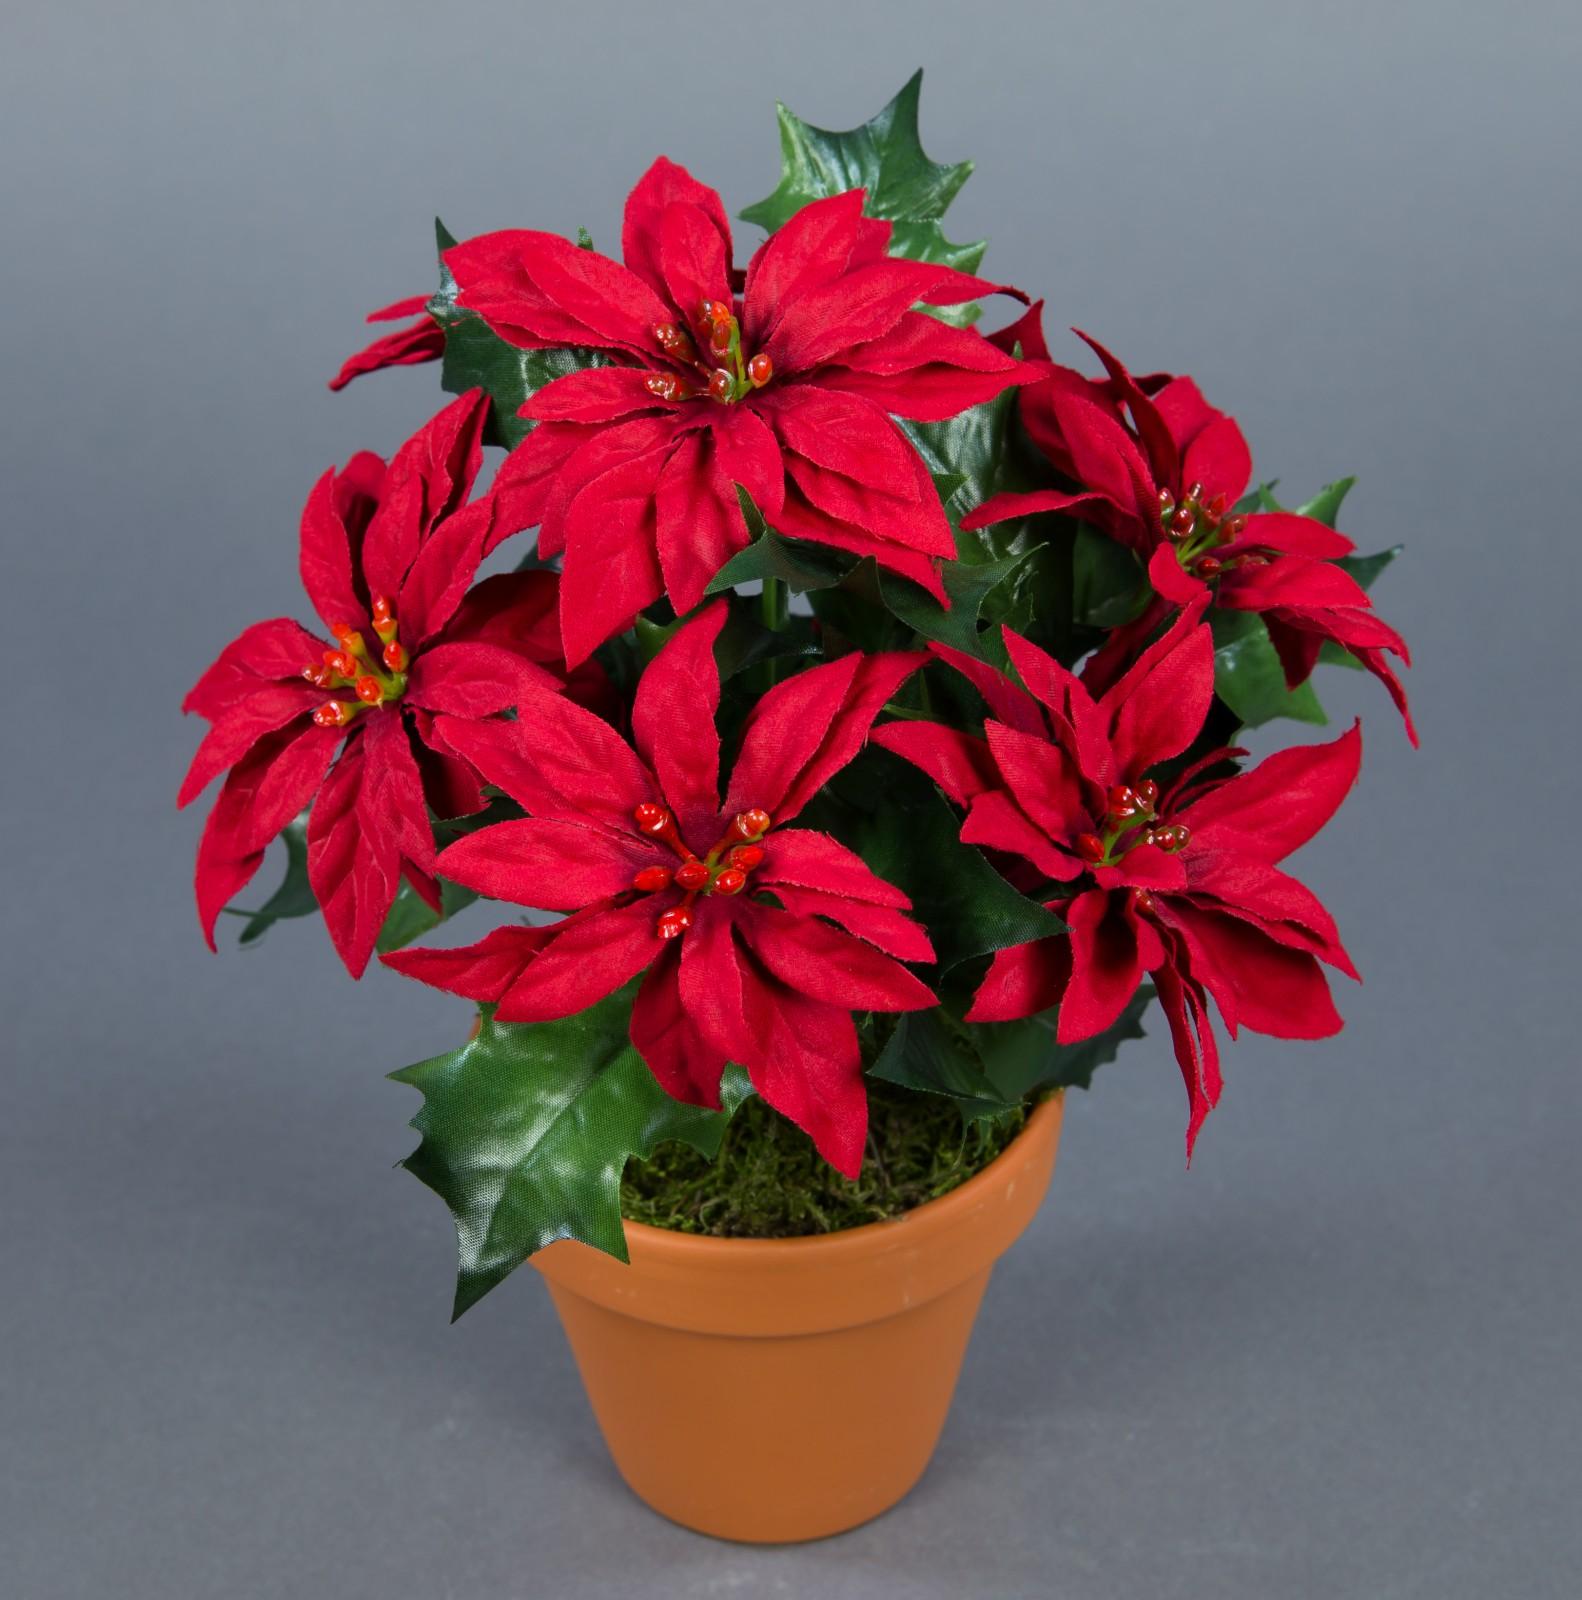 weihnachtsstern 22cm rot im topf ar k nstliche blumen kunstblumen kunstpflanzen ebay. Black Bedroom Furniture Sets. Home Design Ideas